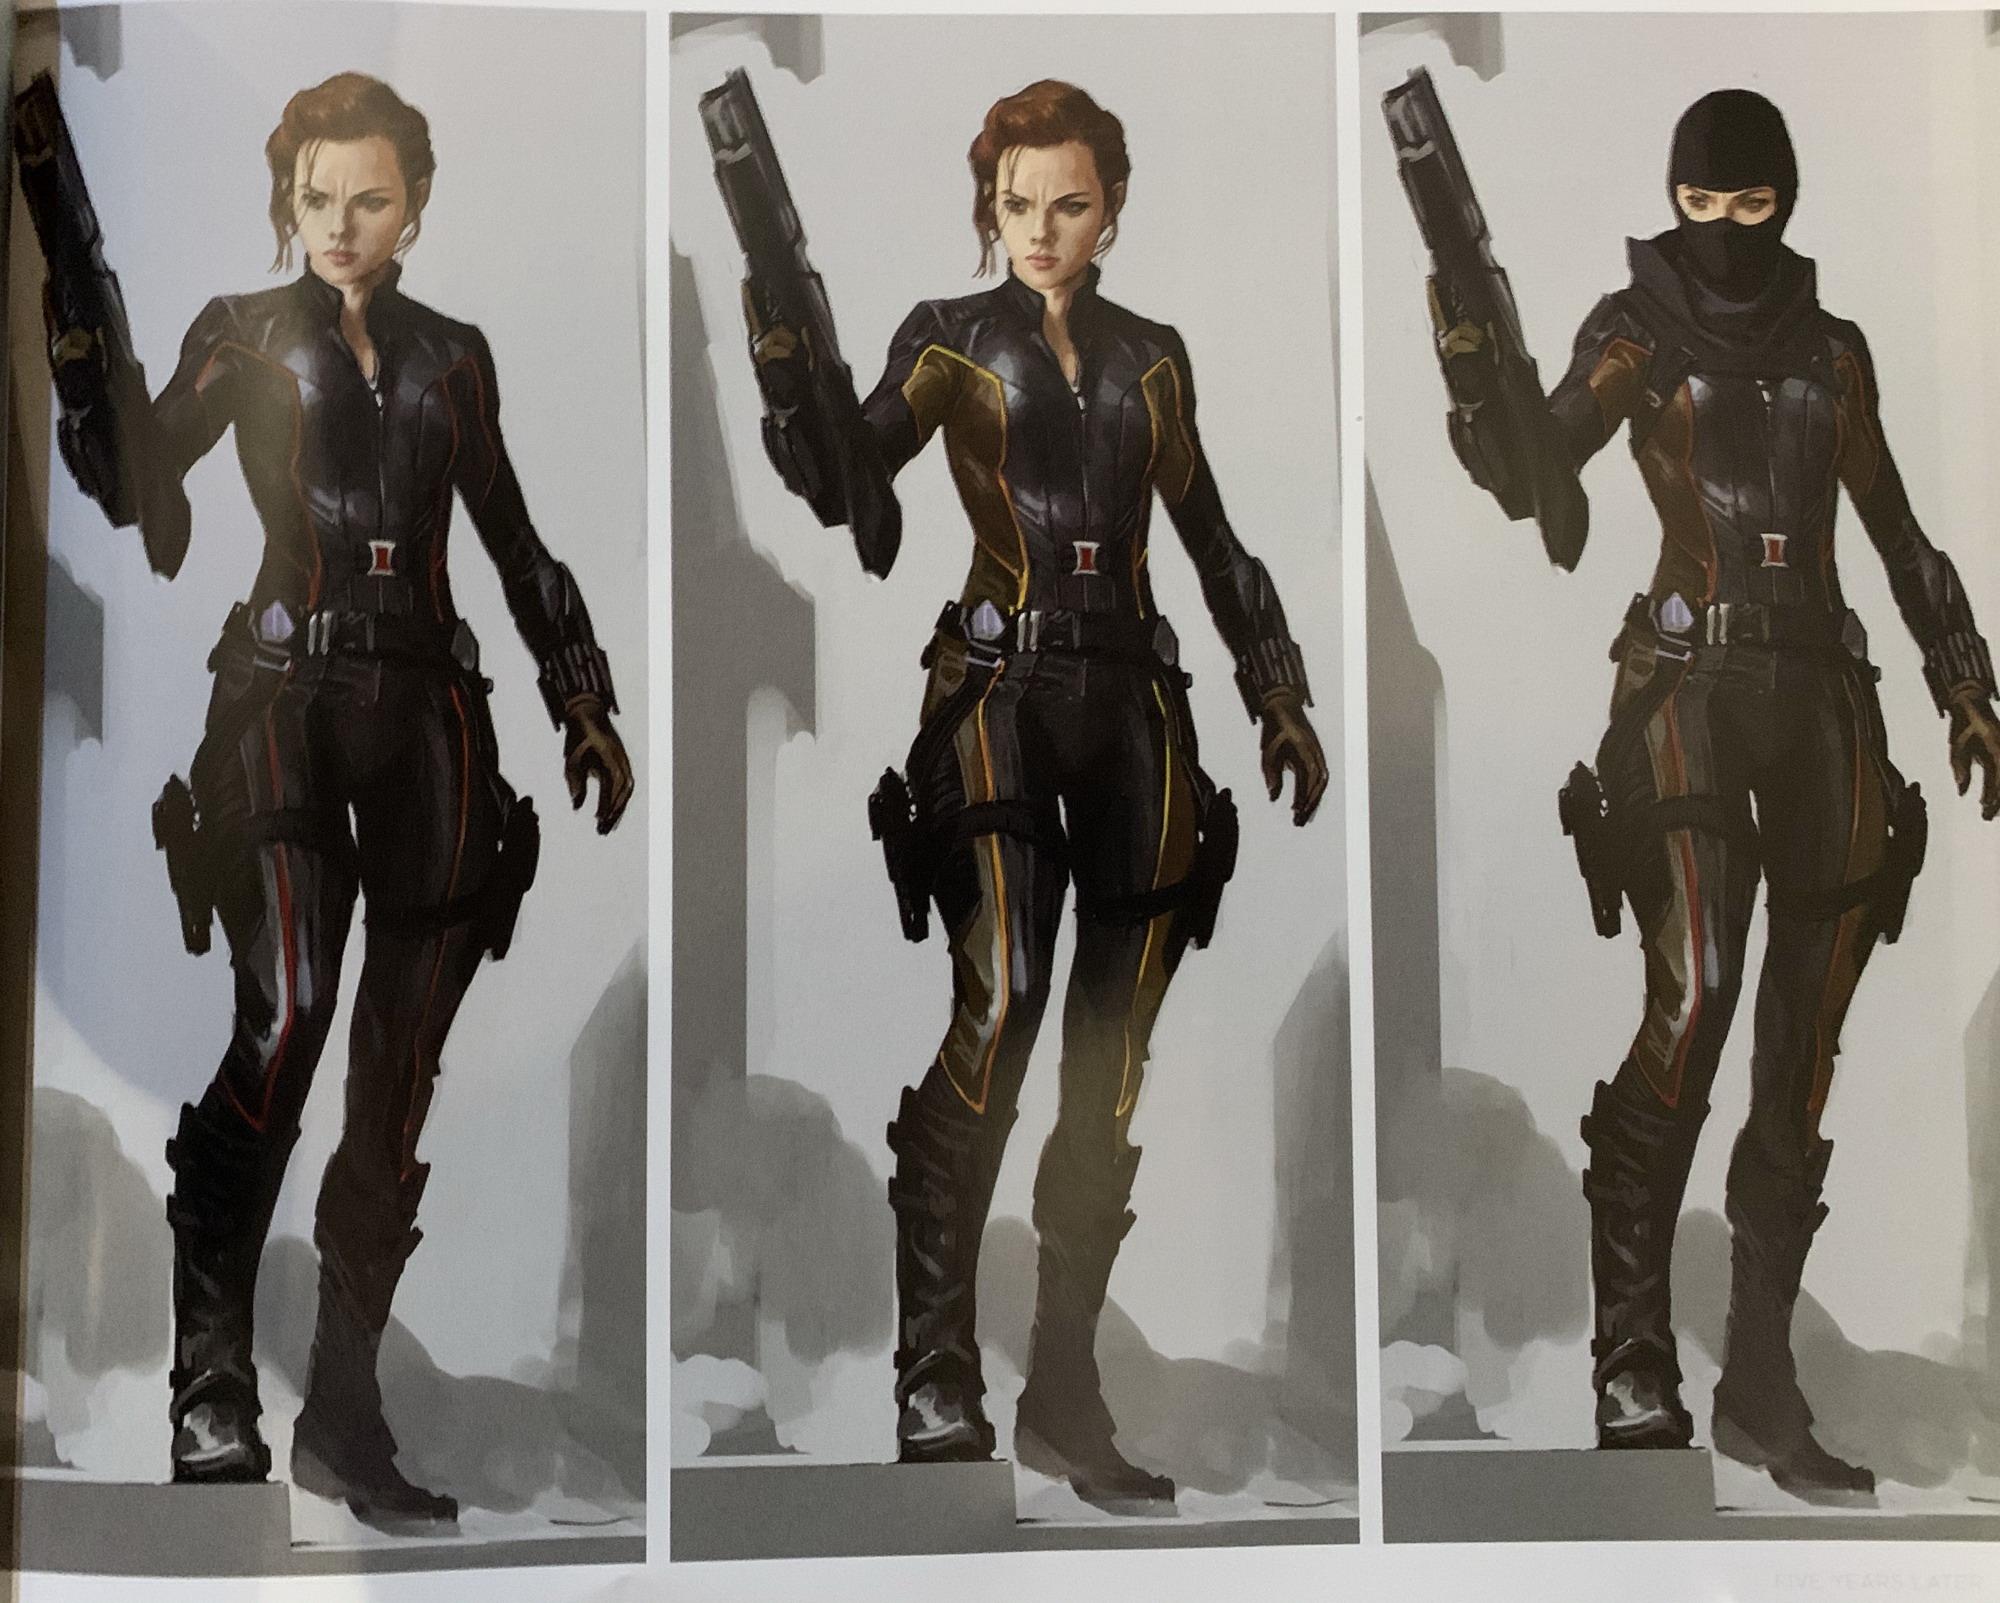 《复仇者联盟4》概念设计图曝光 黑寡妇也有浪人装